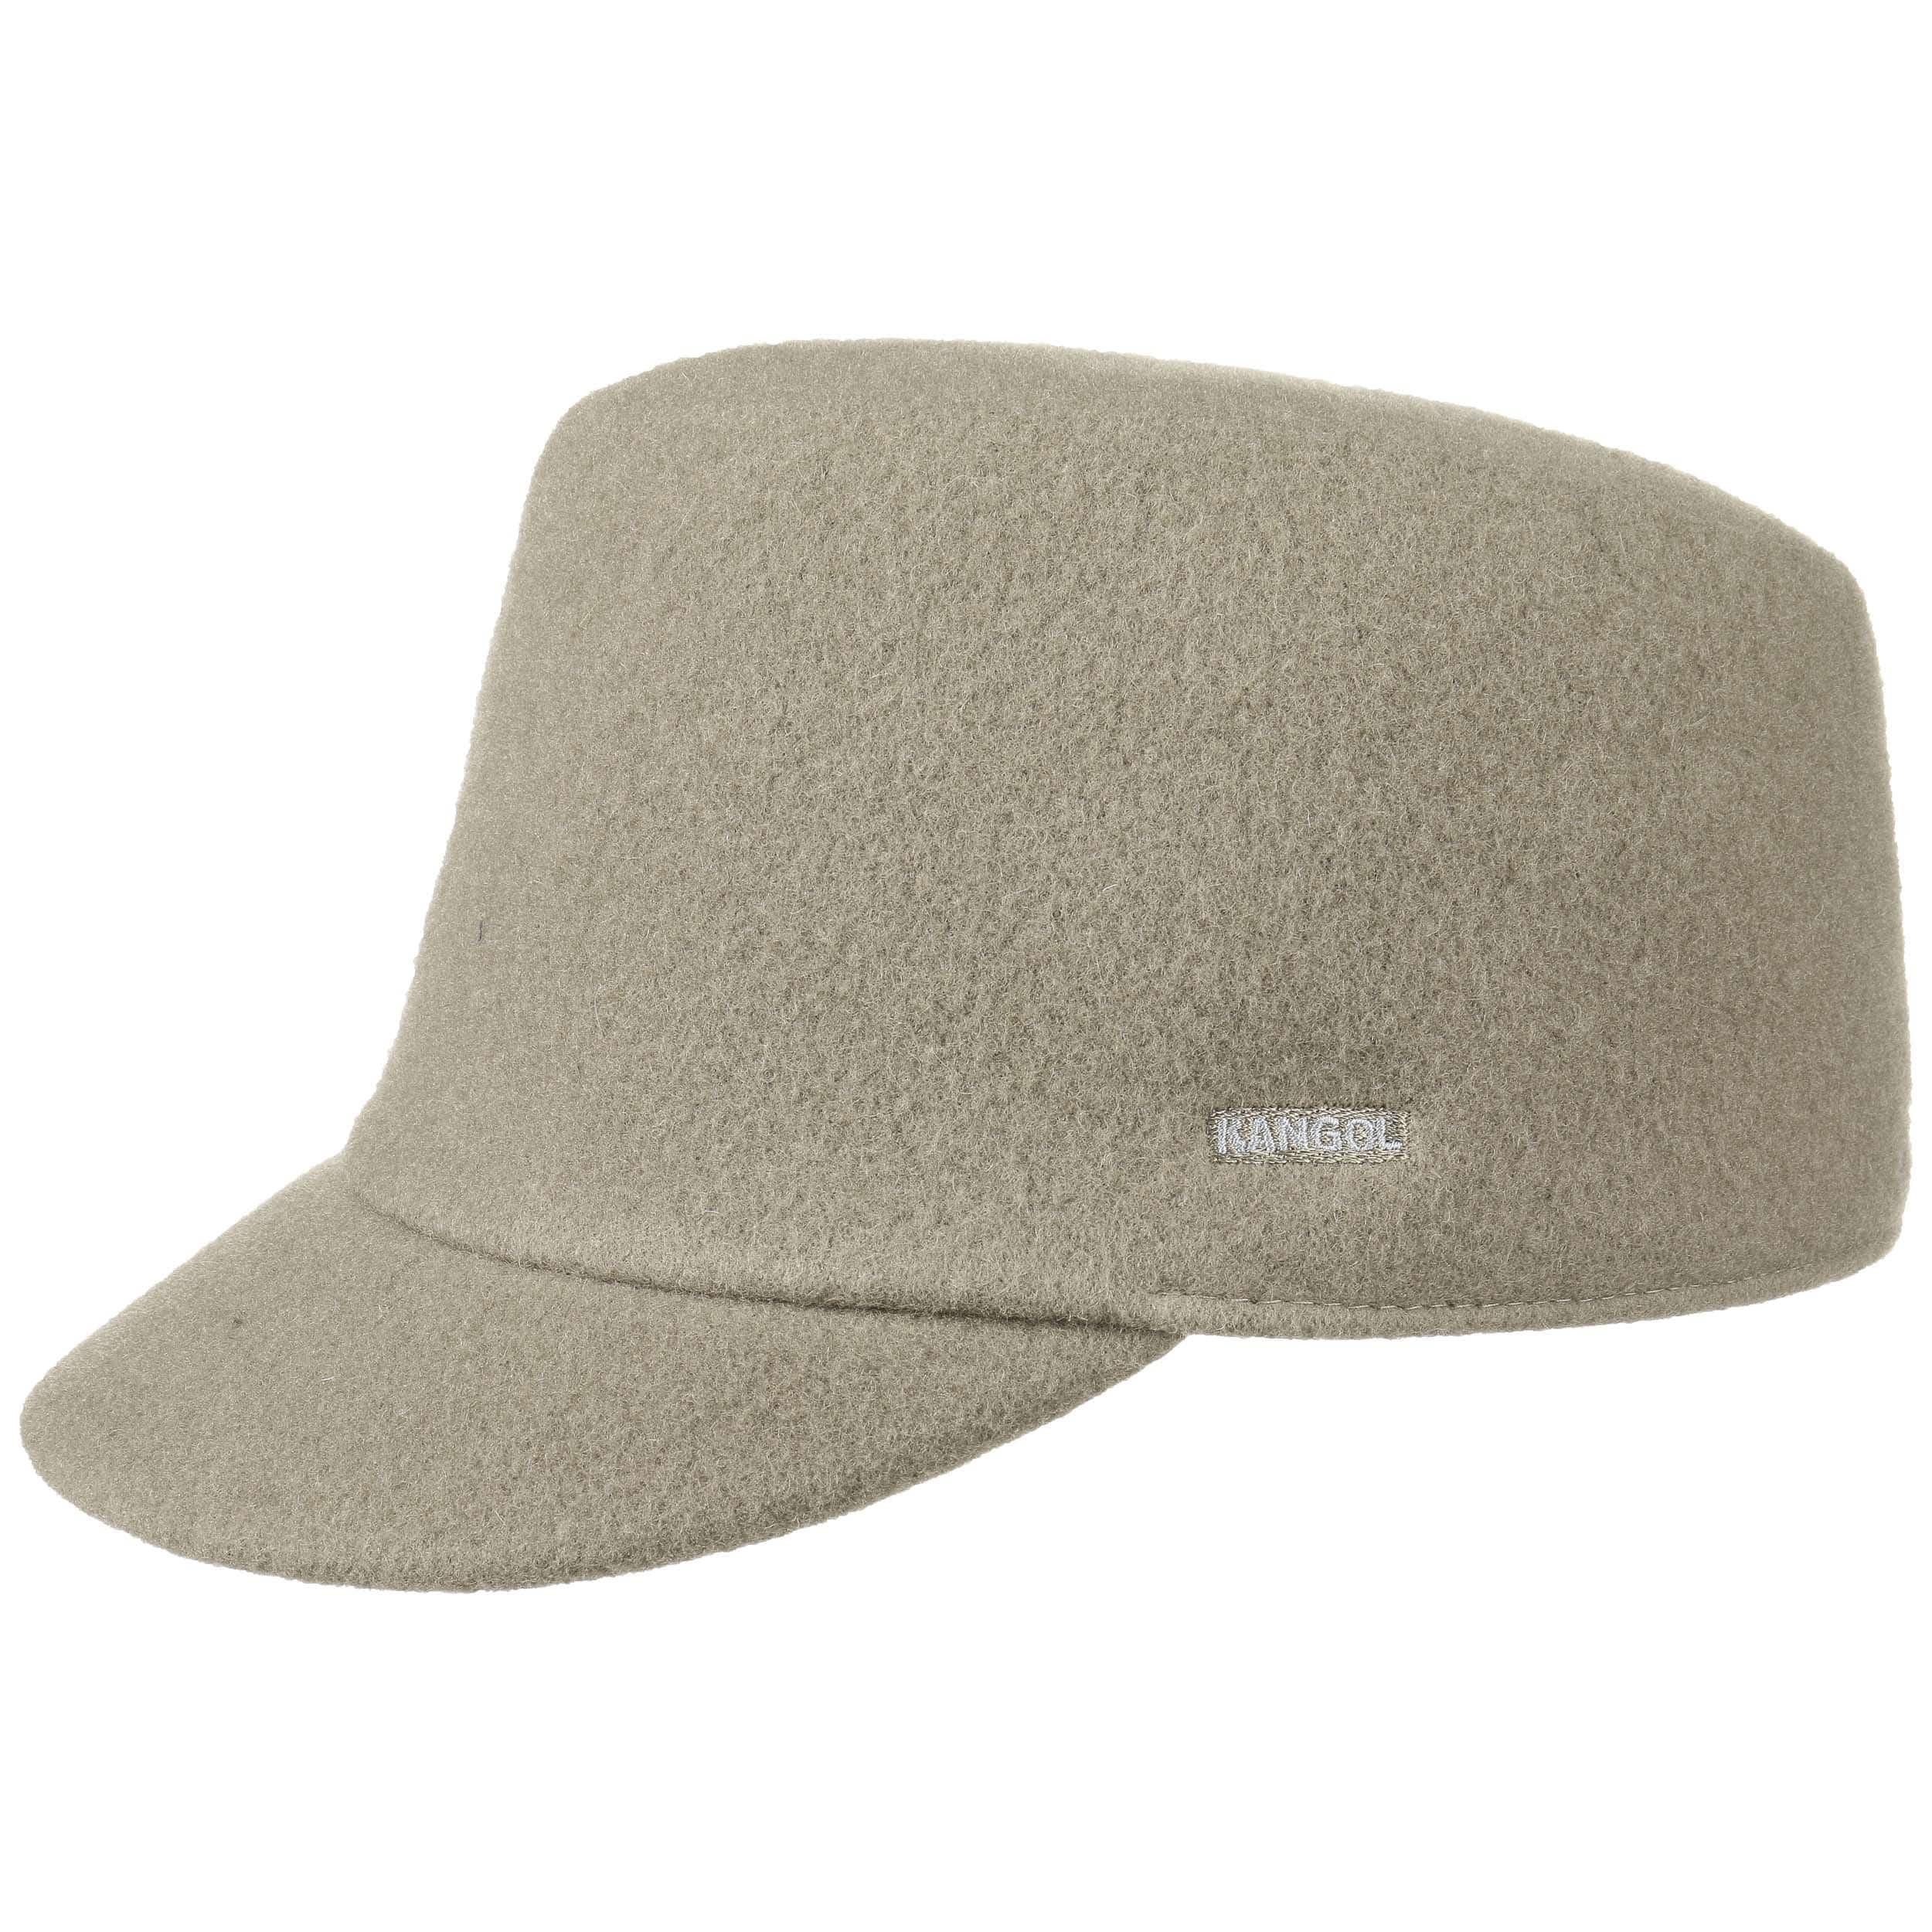 ... Supremo Wool Cap by Kangol - dark beige 5 82cd726af2d